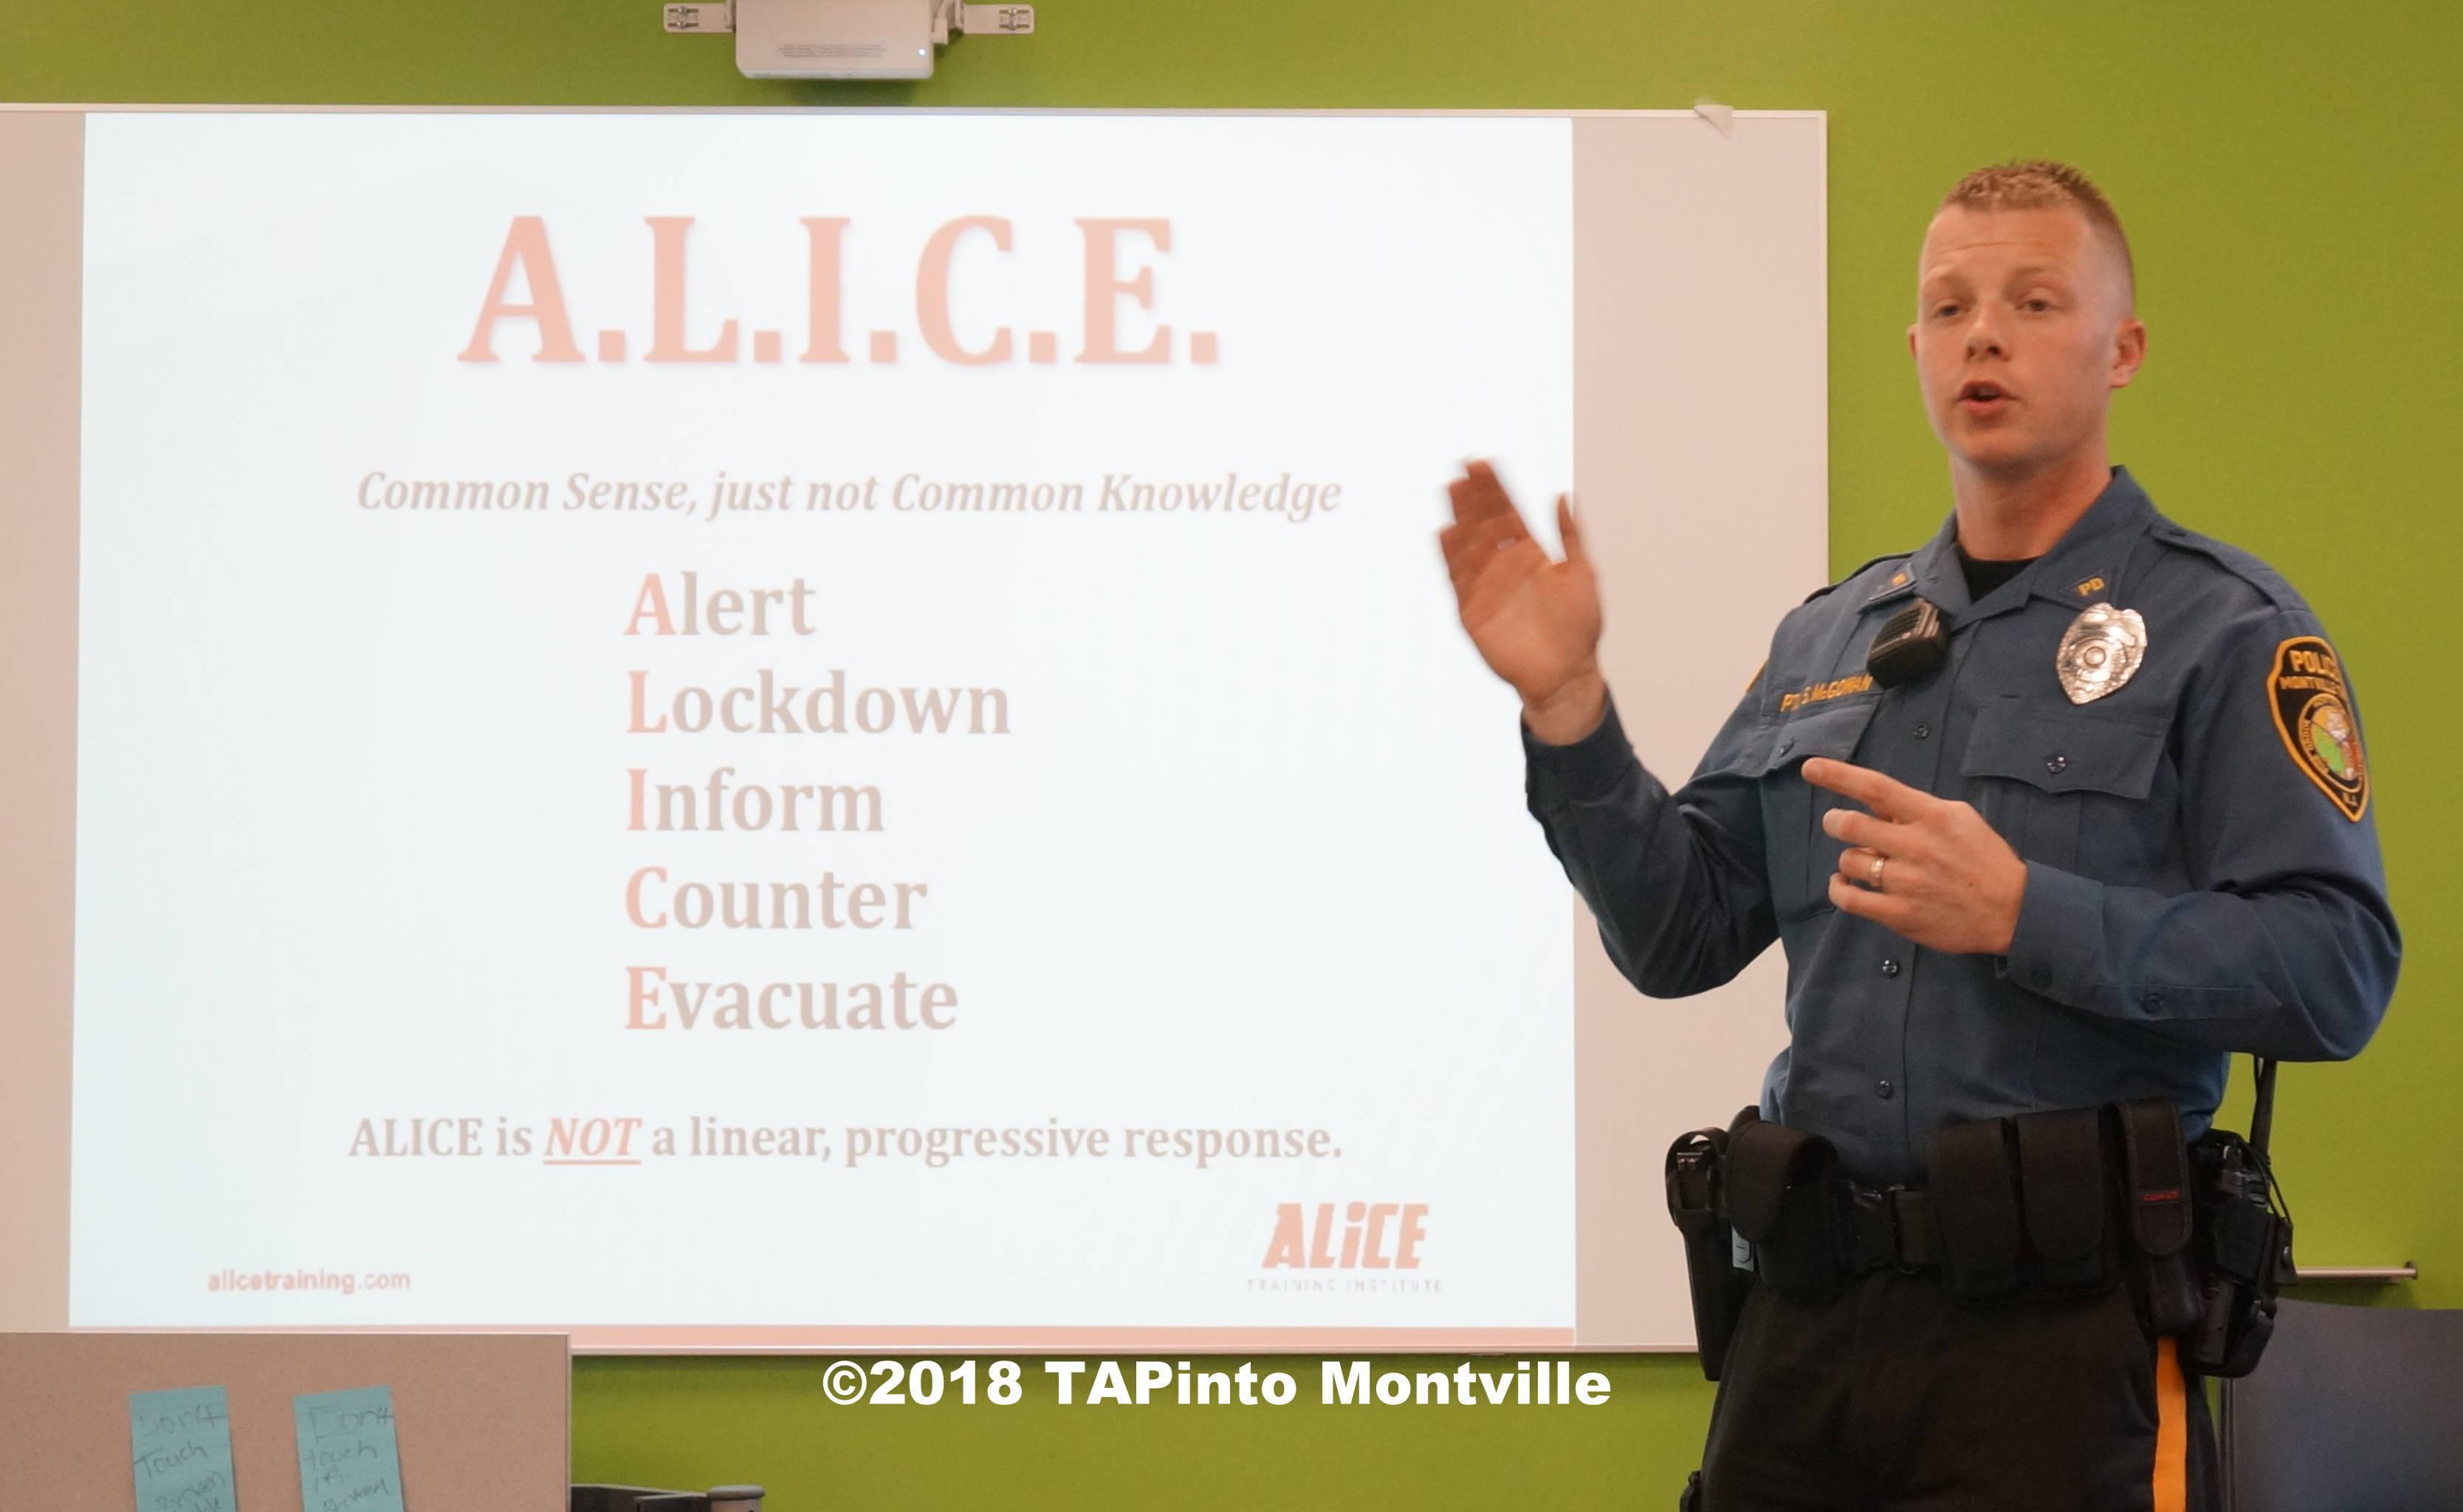 b3507f1c4811a8176660_a_Ptl_Scott_McGowan_explains_A.L.I.C.E.__2018_TAPinto_Montville.JPG